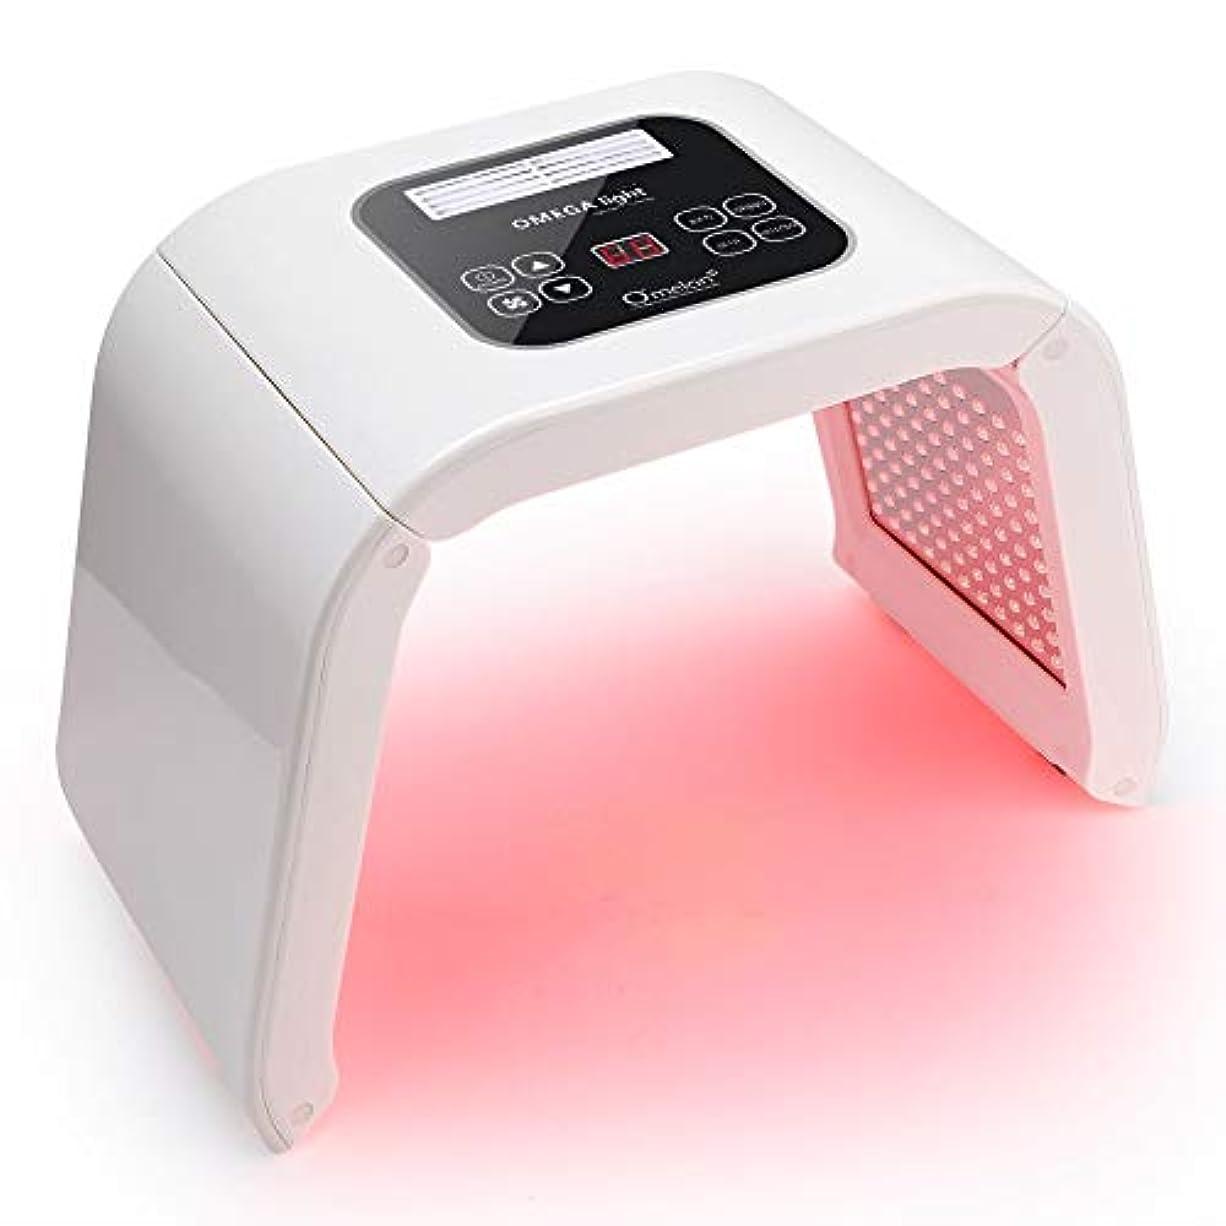 メッセンジャー離れたアクセスできないにきび治療LEDスキンケアツール、7色PDT LEDライト美容しわ除去フェイスケアマシン改善しわ(US Plug)